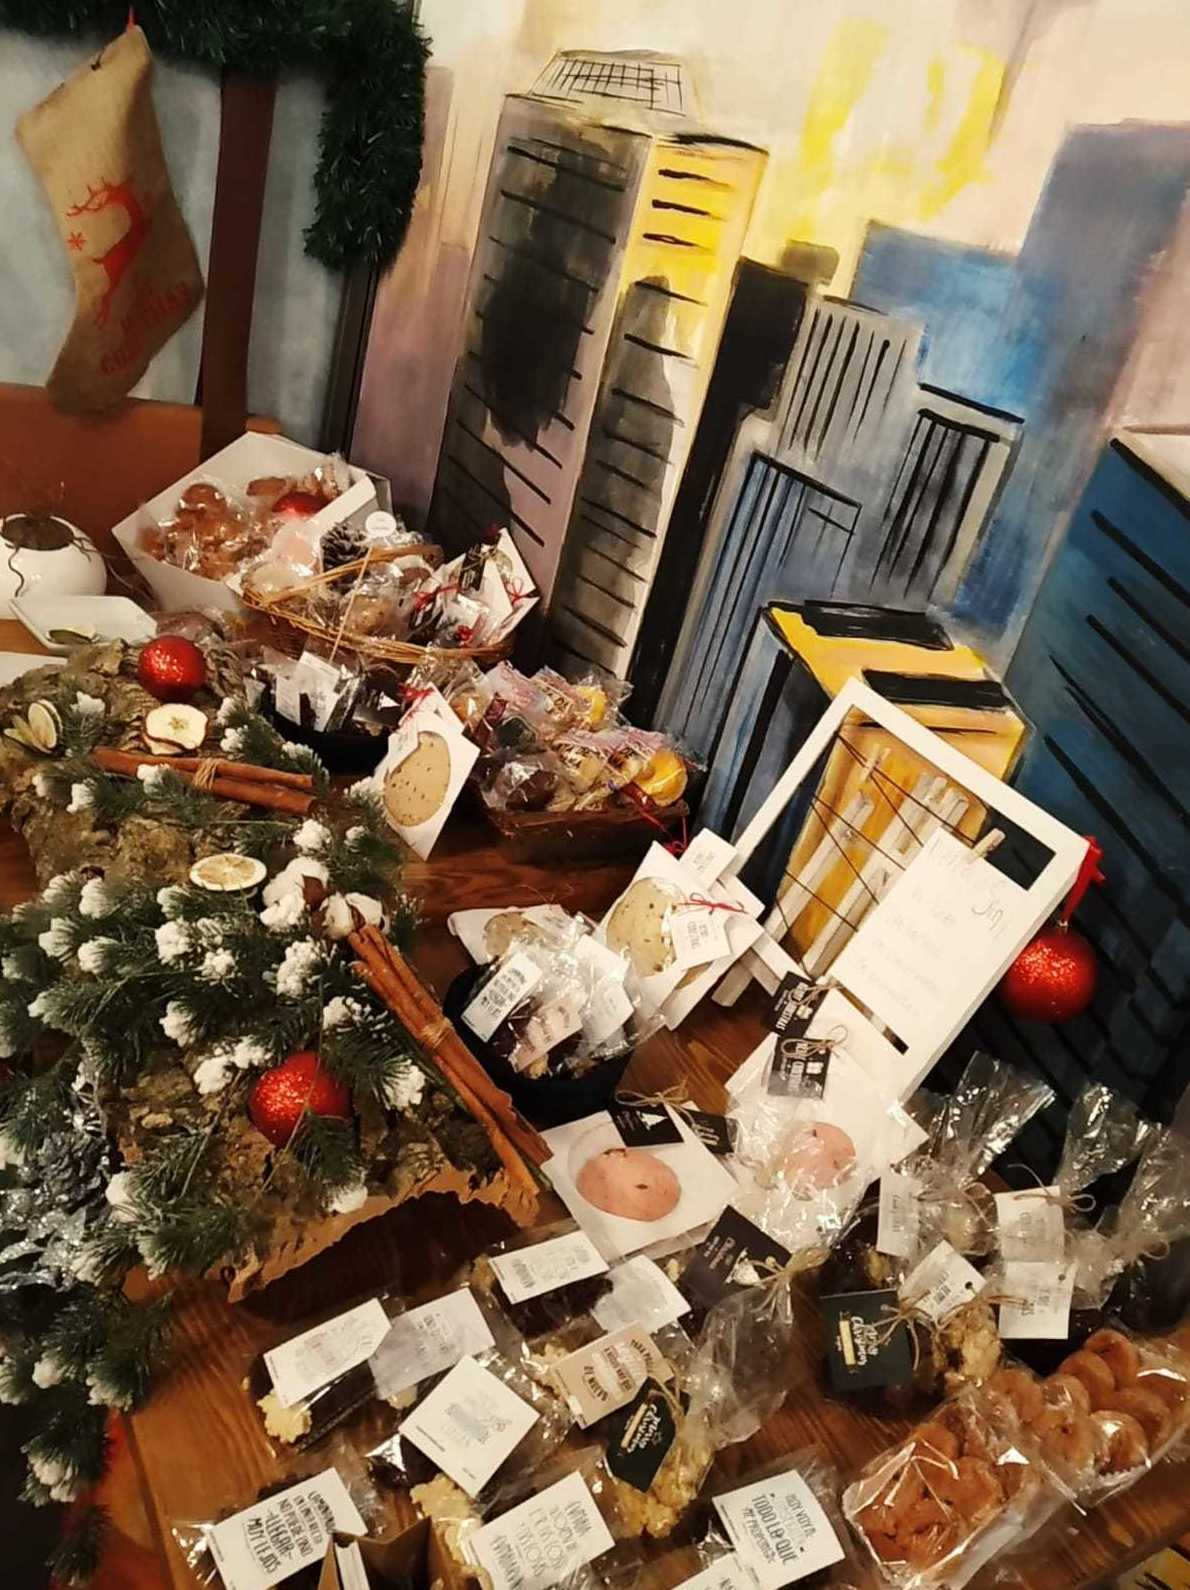 Foto 22 de Productos sin gluten y sin lactosa en Valencia | La Tatarabuela Magdalena